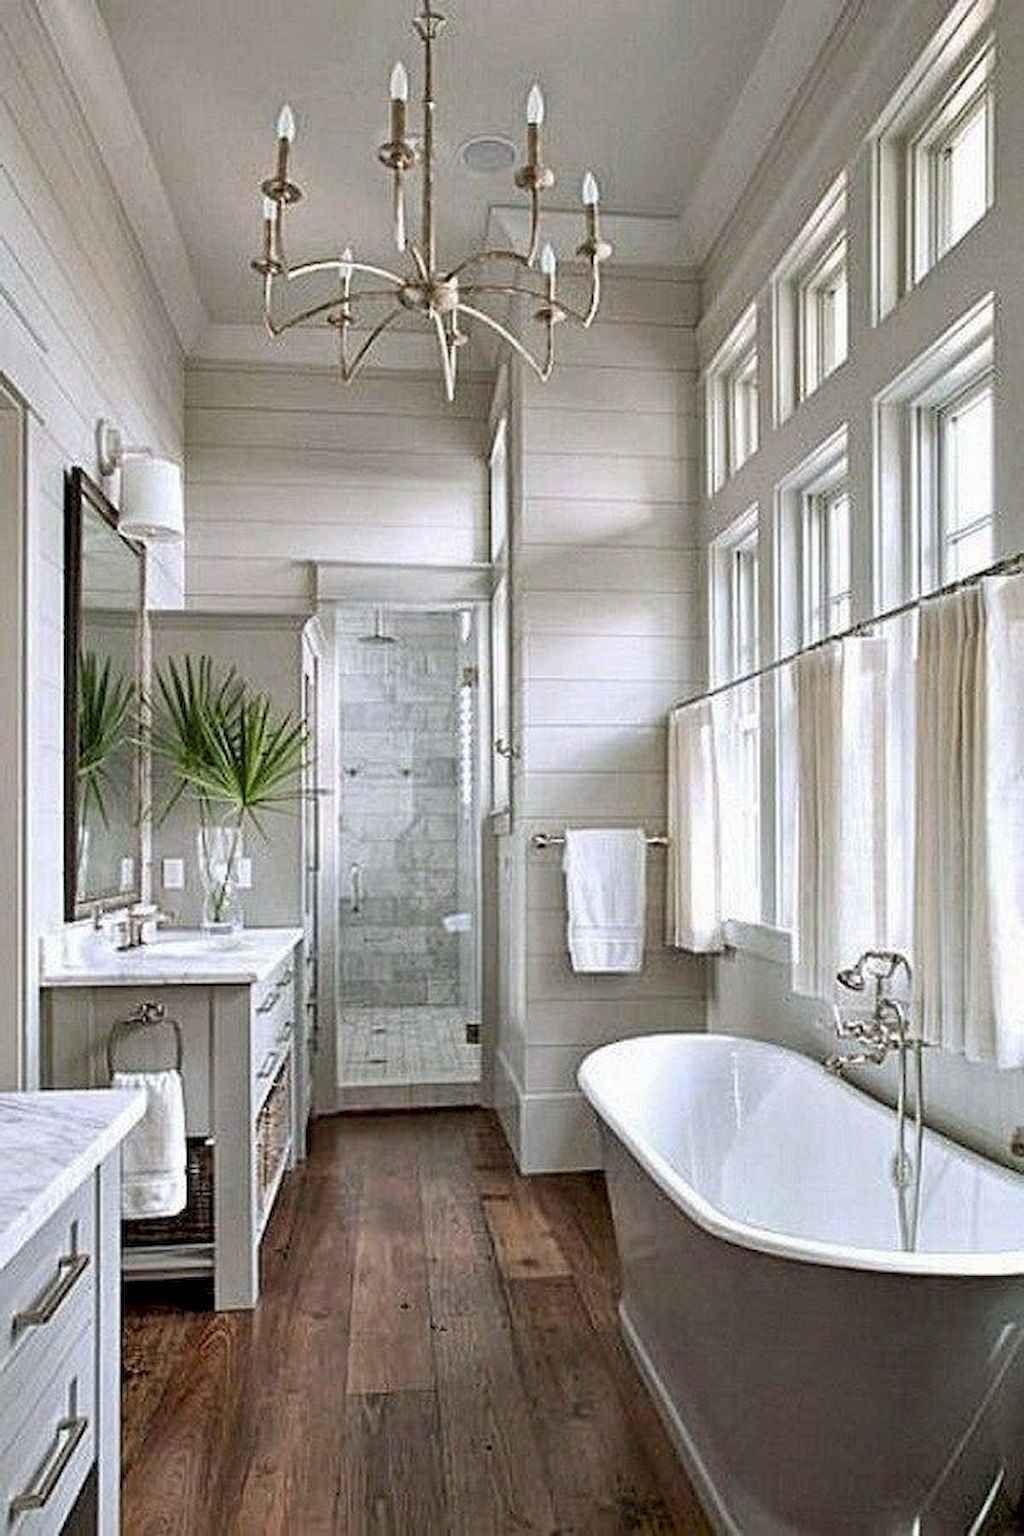 24 modern farmhouse bathroom remodel ideas farmhouse on bathroom renovation ideas modern id=74058